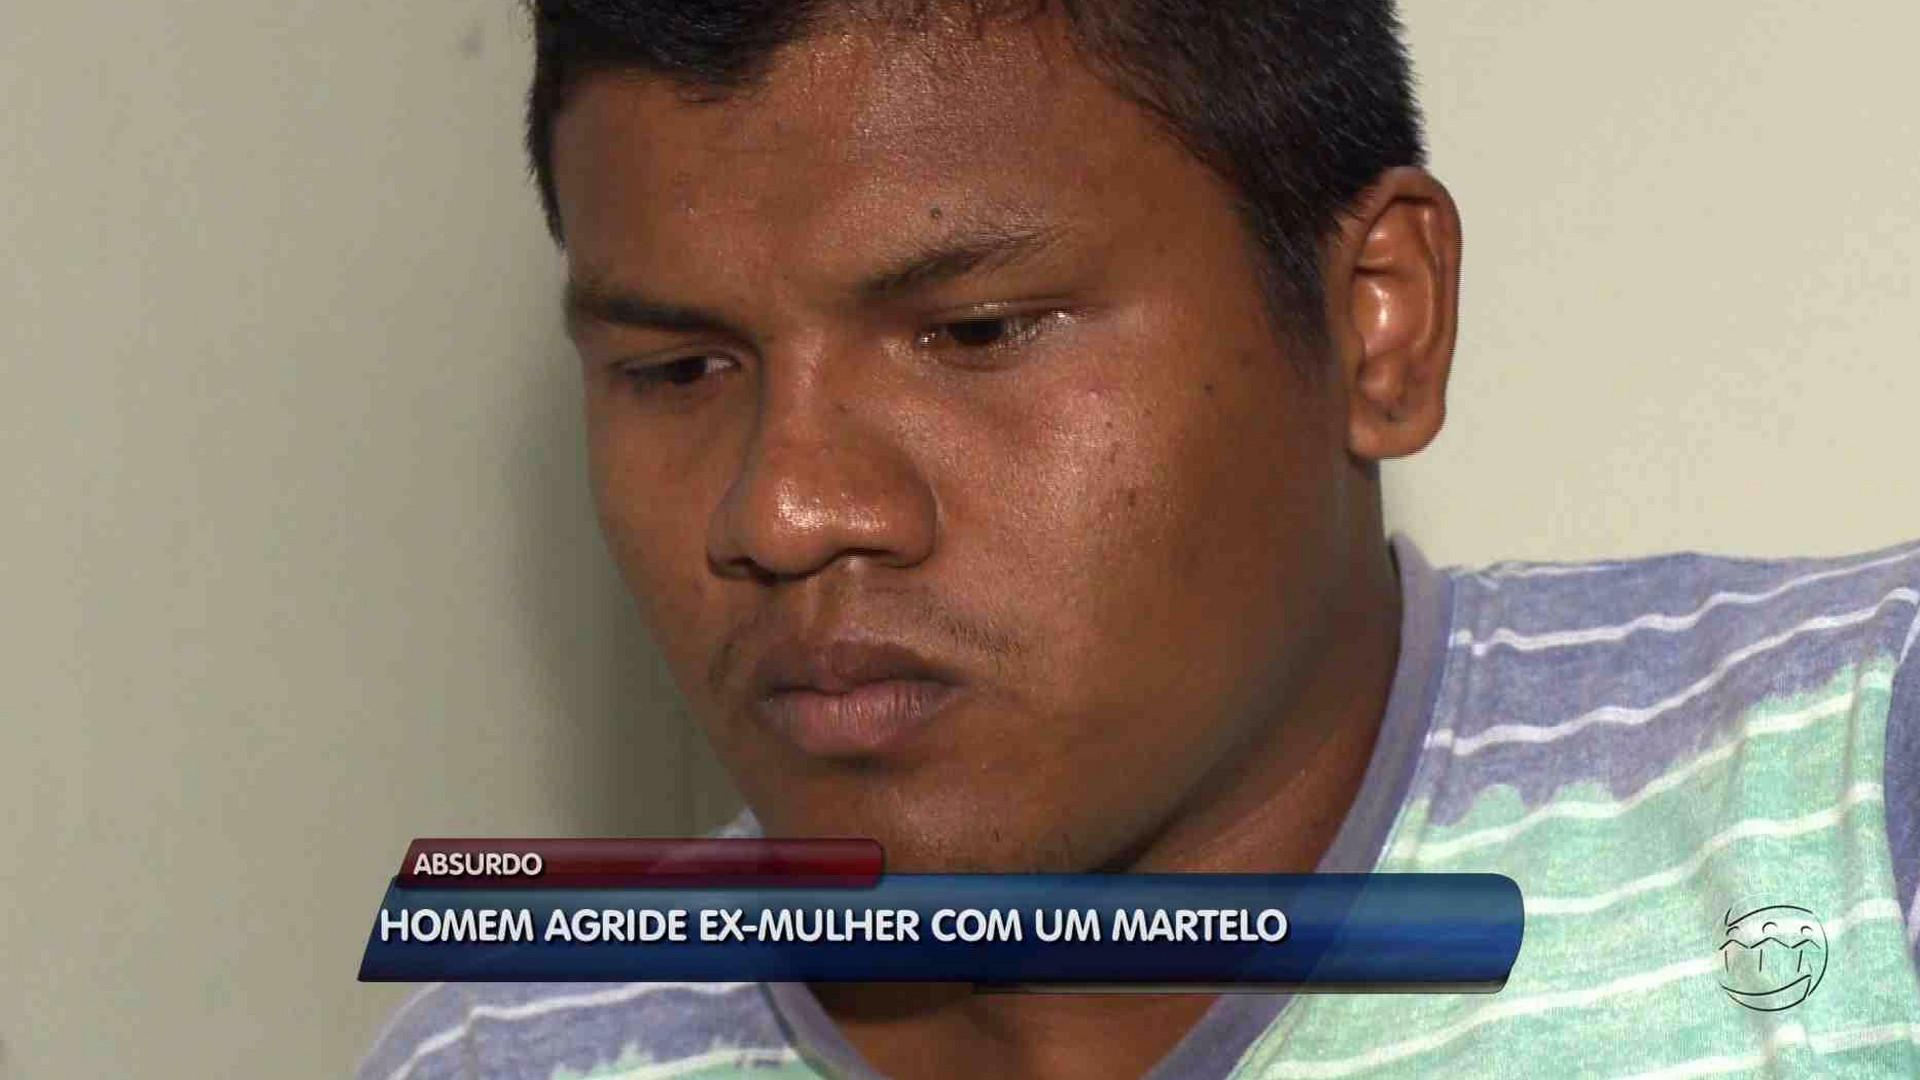 MULHER É AGREDIDA A MARTELADAS PELO EX-COMPANHEIRO - Alô Amazonas 15/08/17